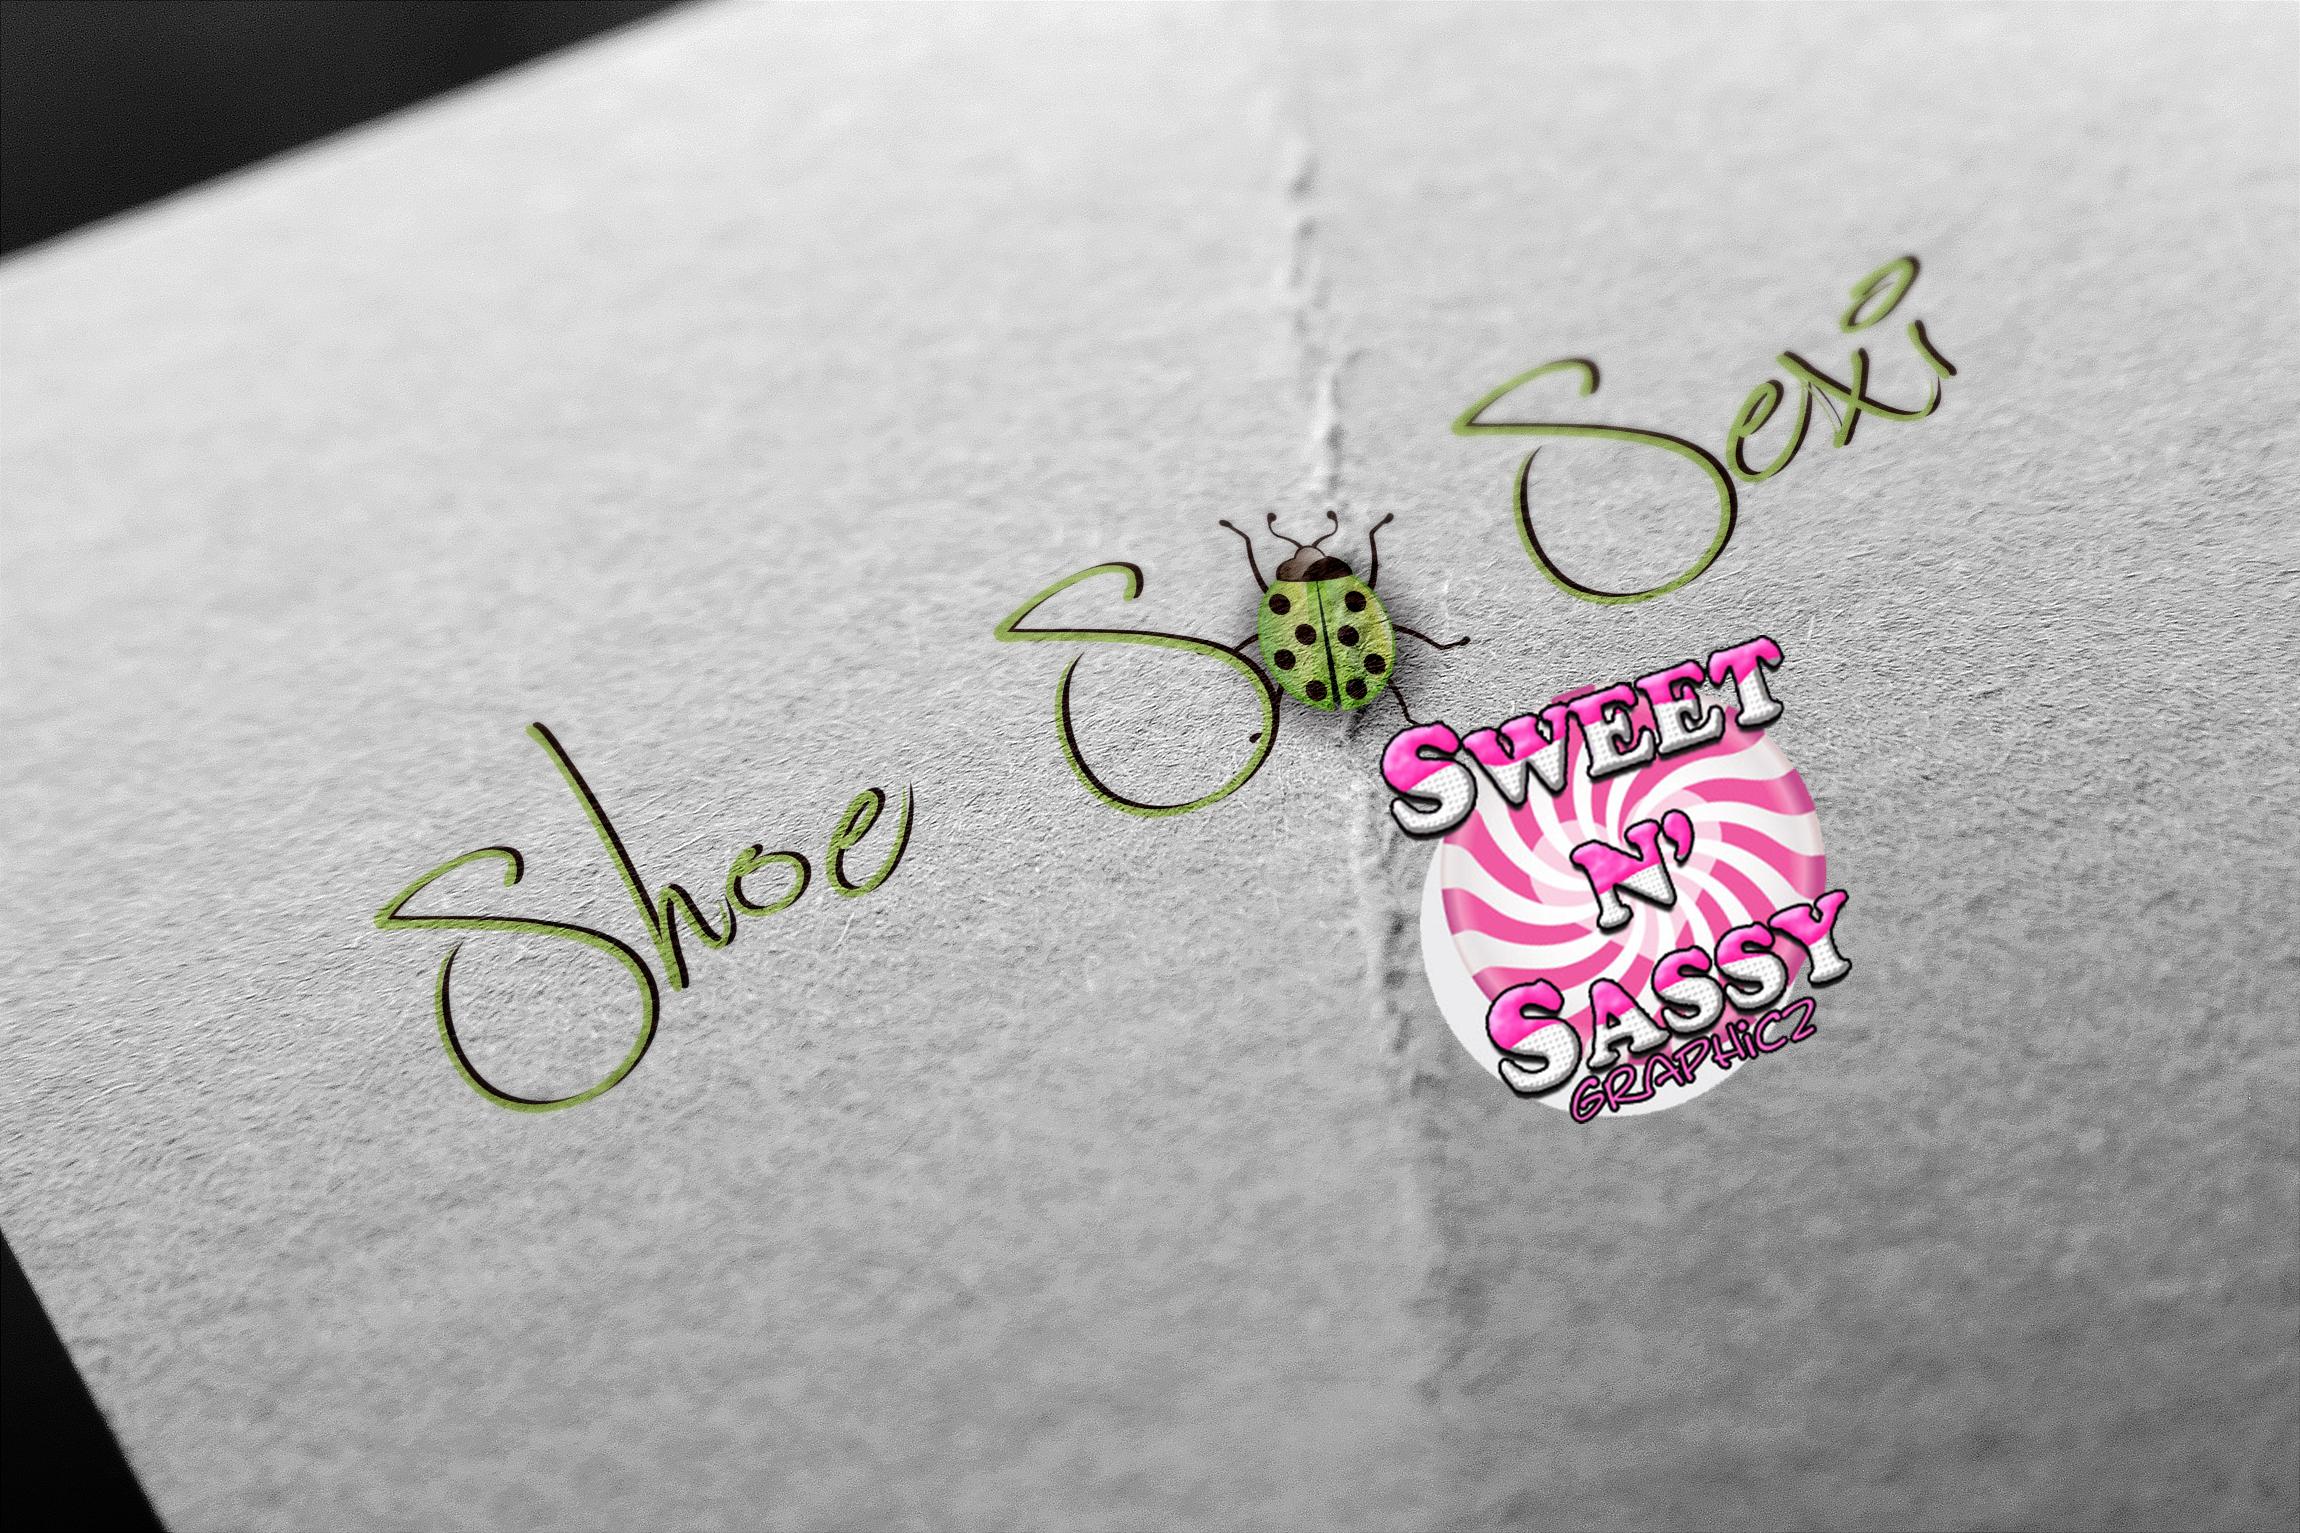 Shoe So Sexi Logo